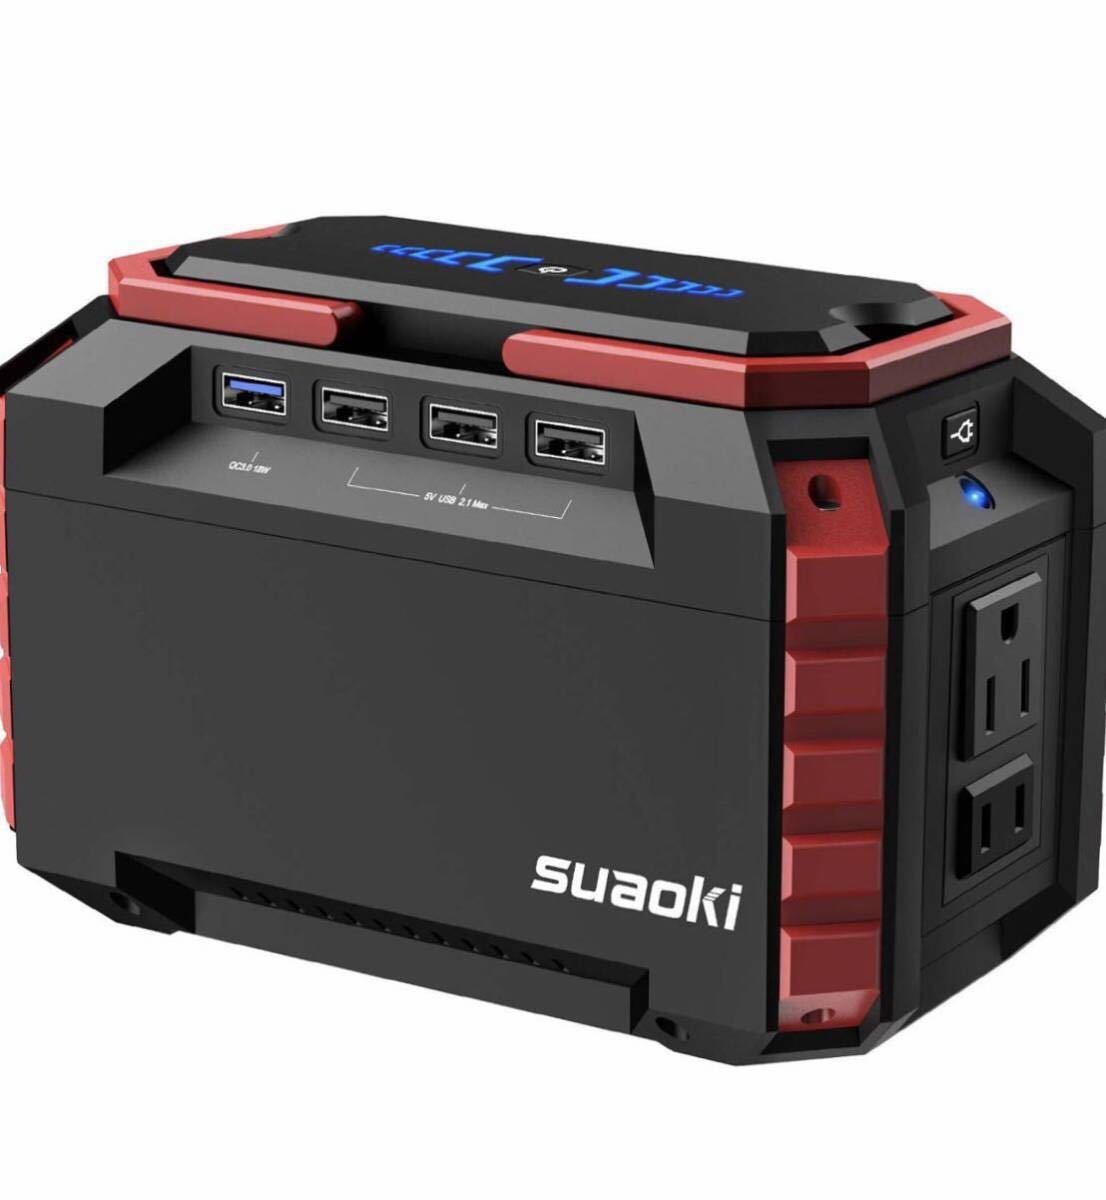 ♪ 新品未開封 suaoki ポータブル電源 S270 150W 家庭用蓄電池 USB出力 急速充電QC3.0 キャンプ 釣り アウトドア 防災グッズ 非常用電源